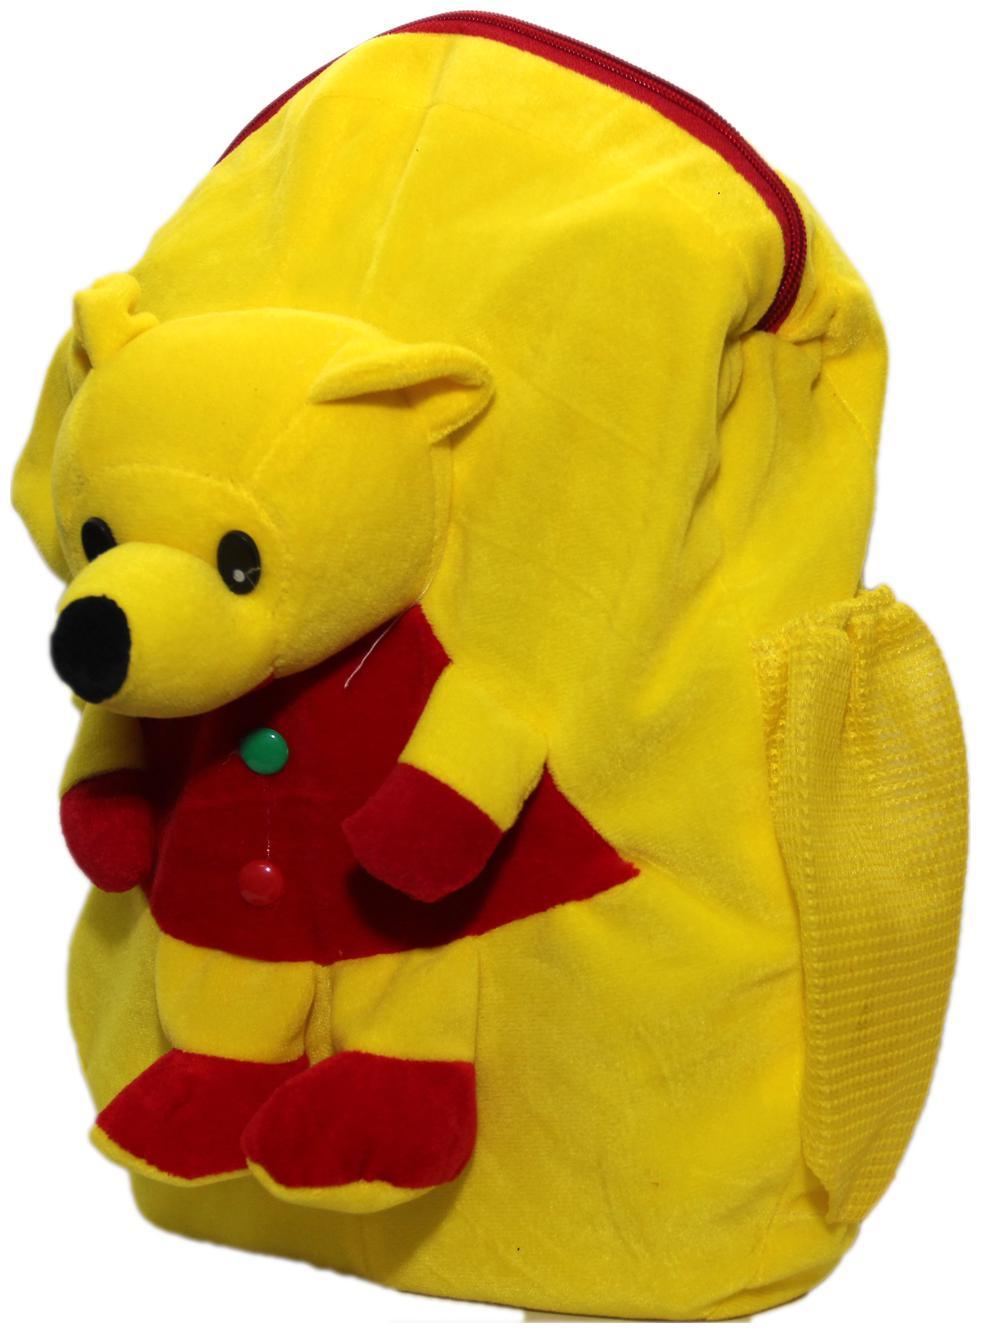 WOOS Cute Teddy Bear Soft Toy School Bag For Kids   Yellow